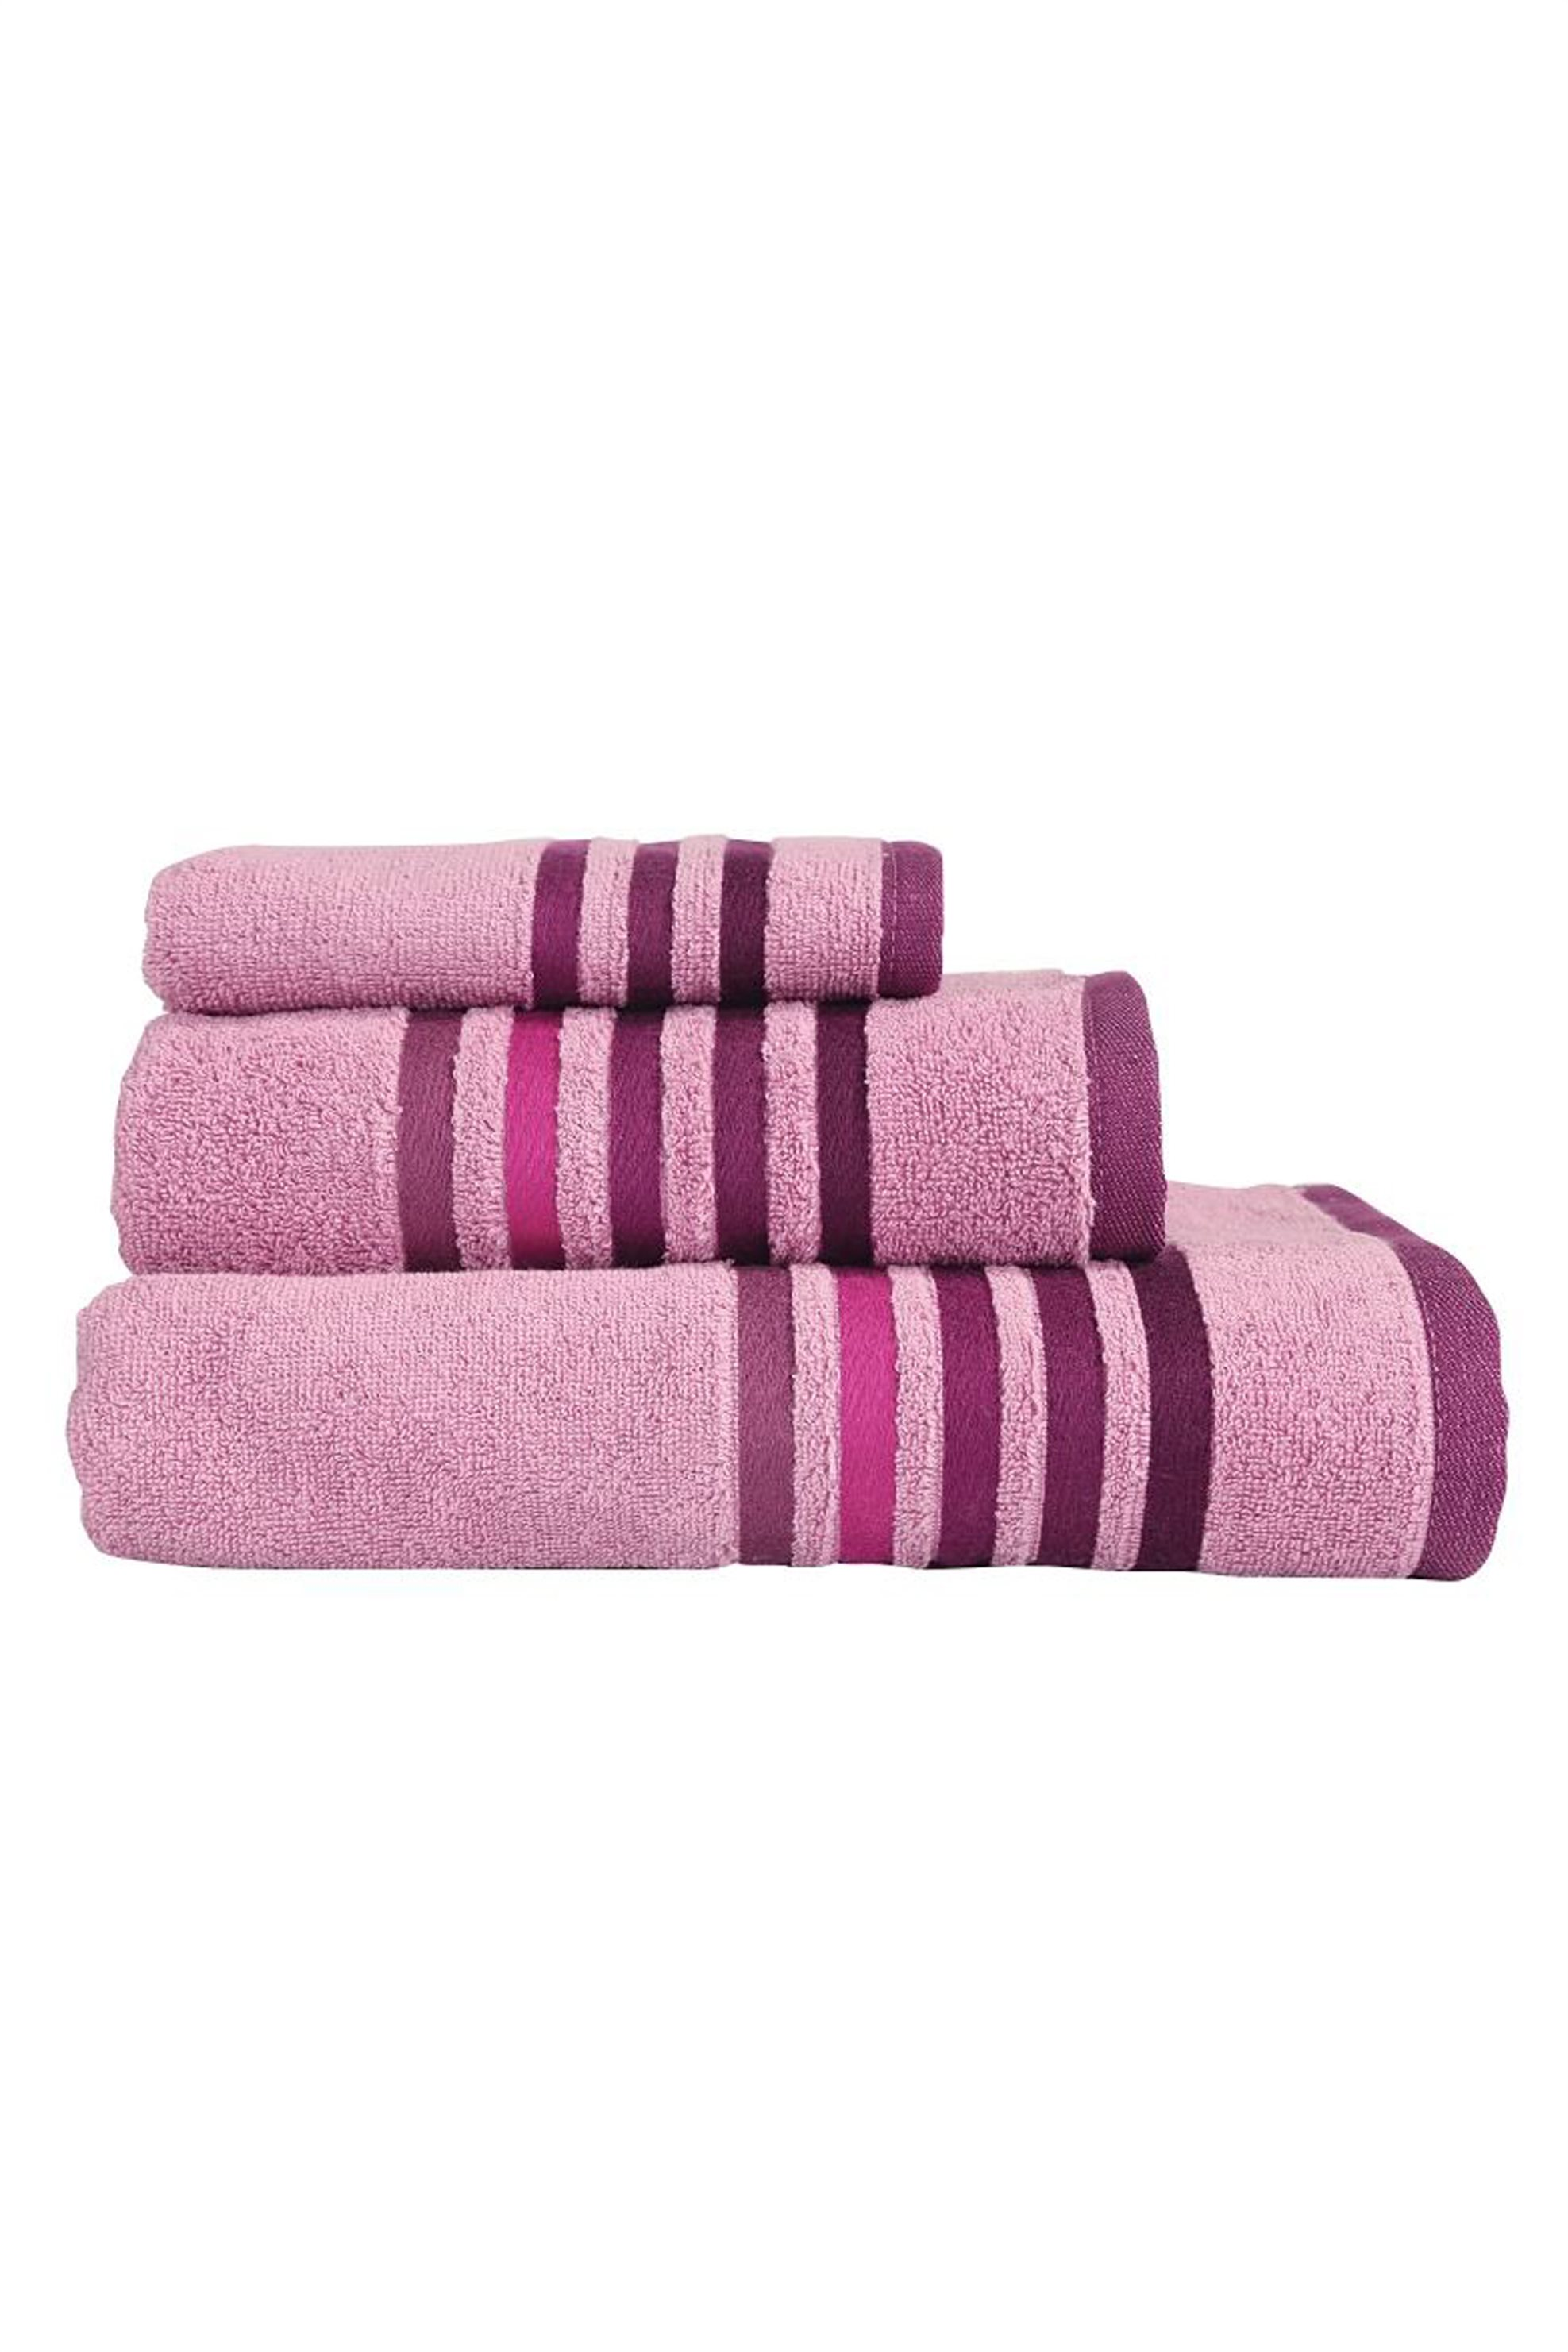 Σετ πετσέτες μωβ Lines (3 τεμάχια) NEF-NEF - 018882 APPLE - Μοβ home   μπανιο   πετσέτες μπάνιου   σετ πετσέτες μπάνιου